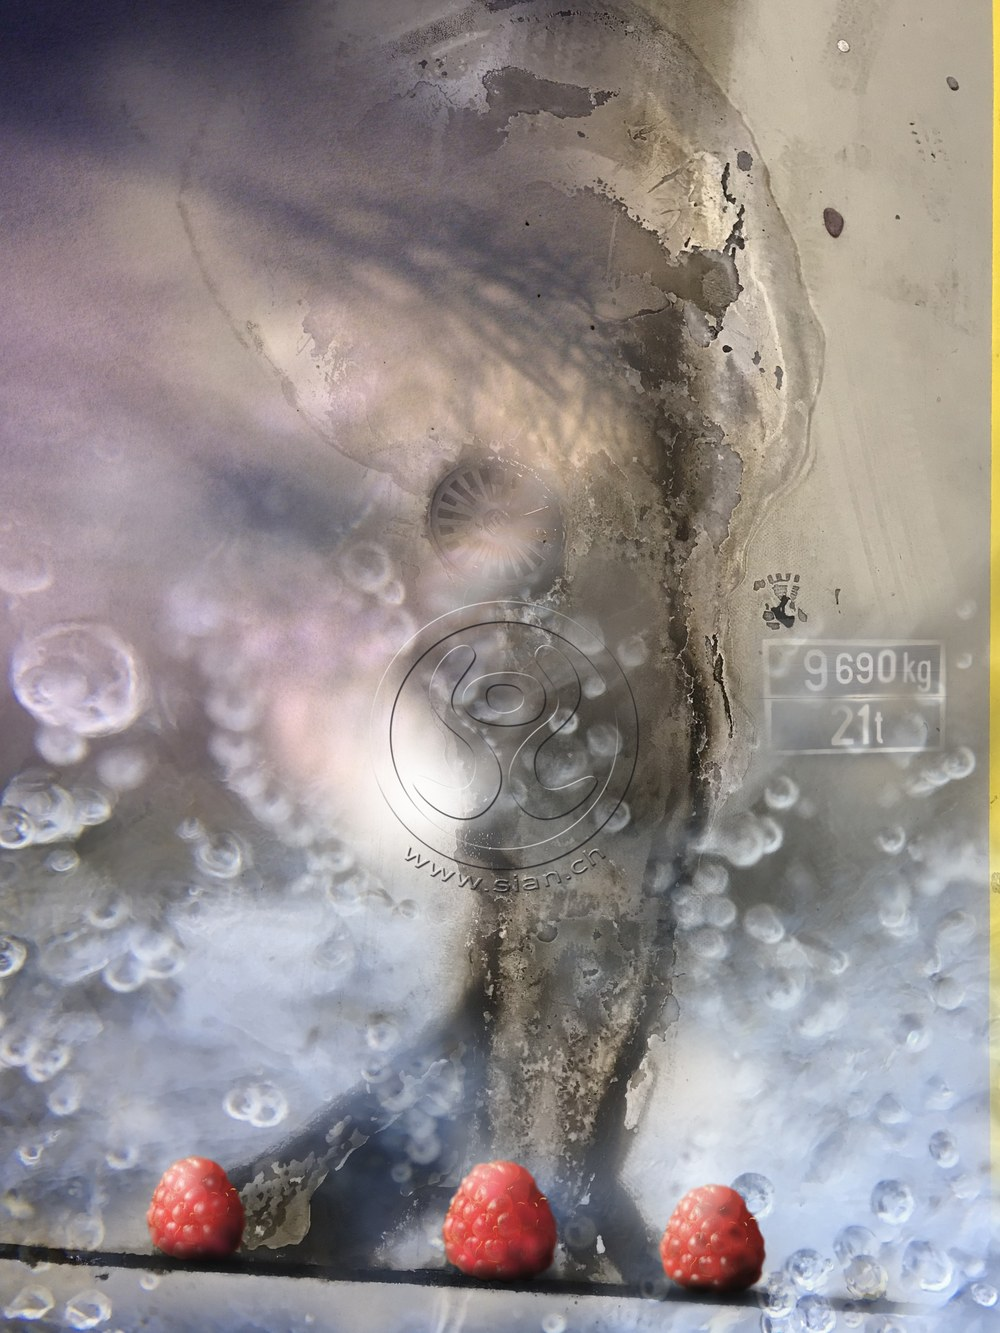 *drei himmbeeren* fotos kombiniert und bearbeitet, 2019